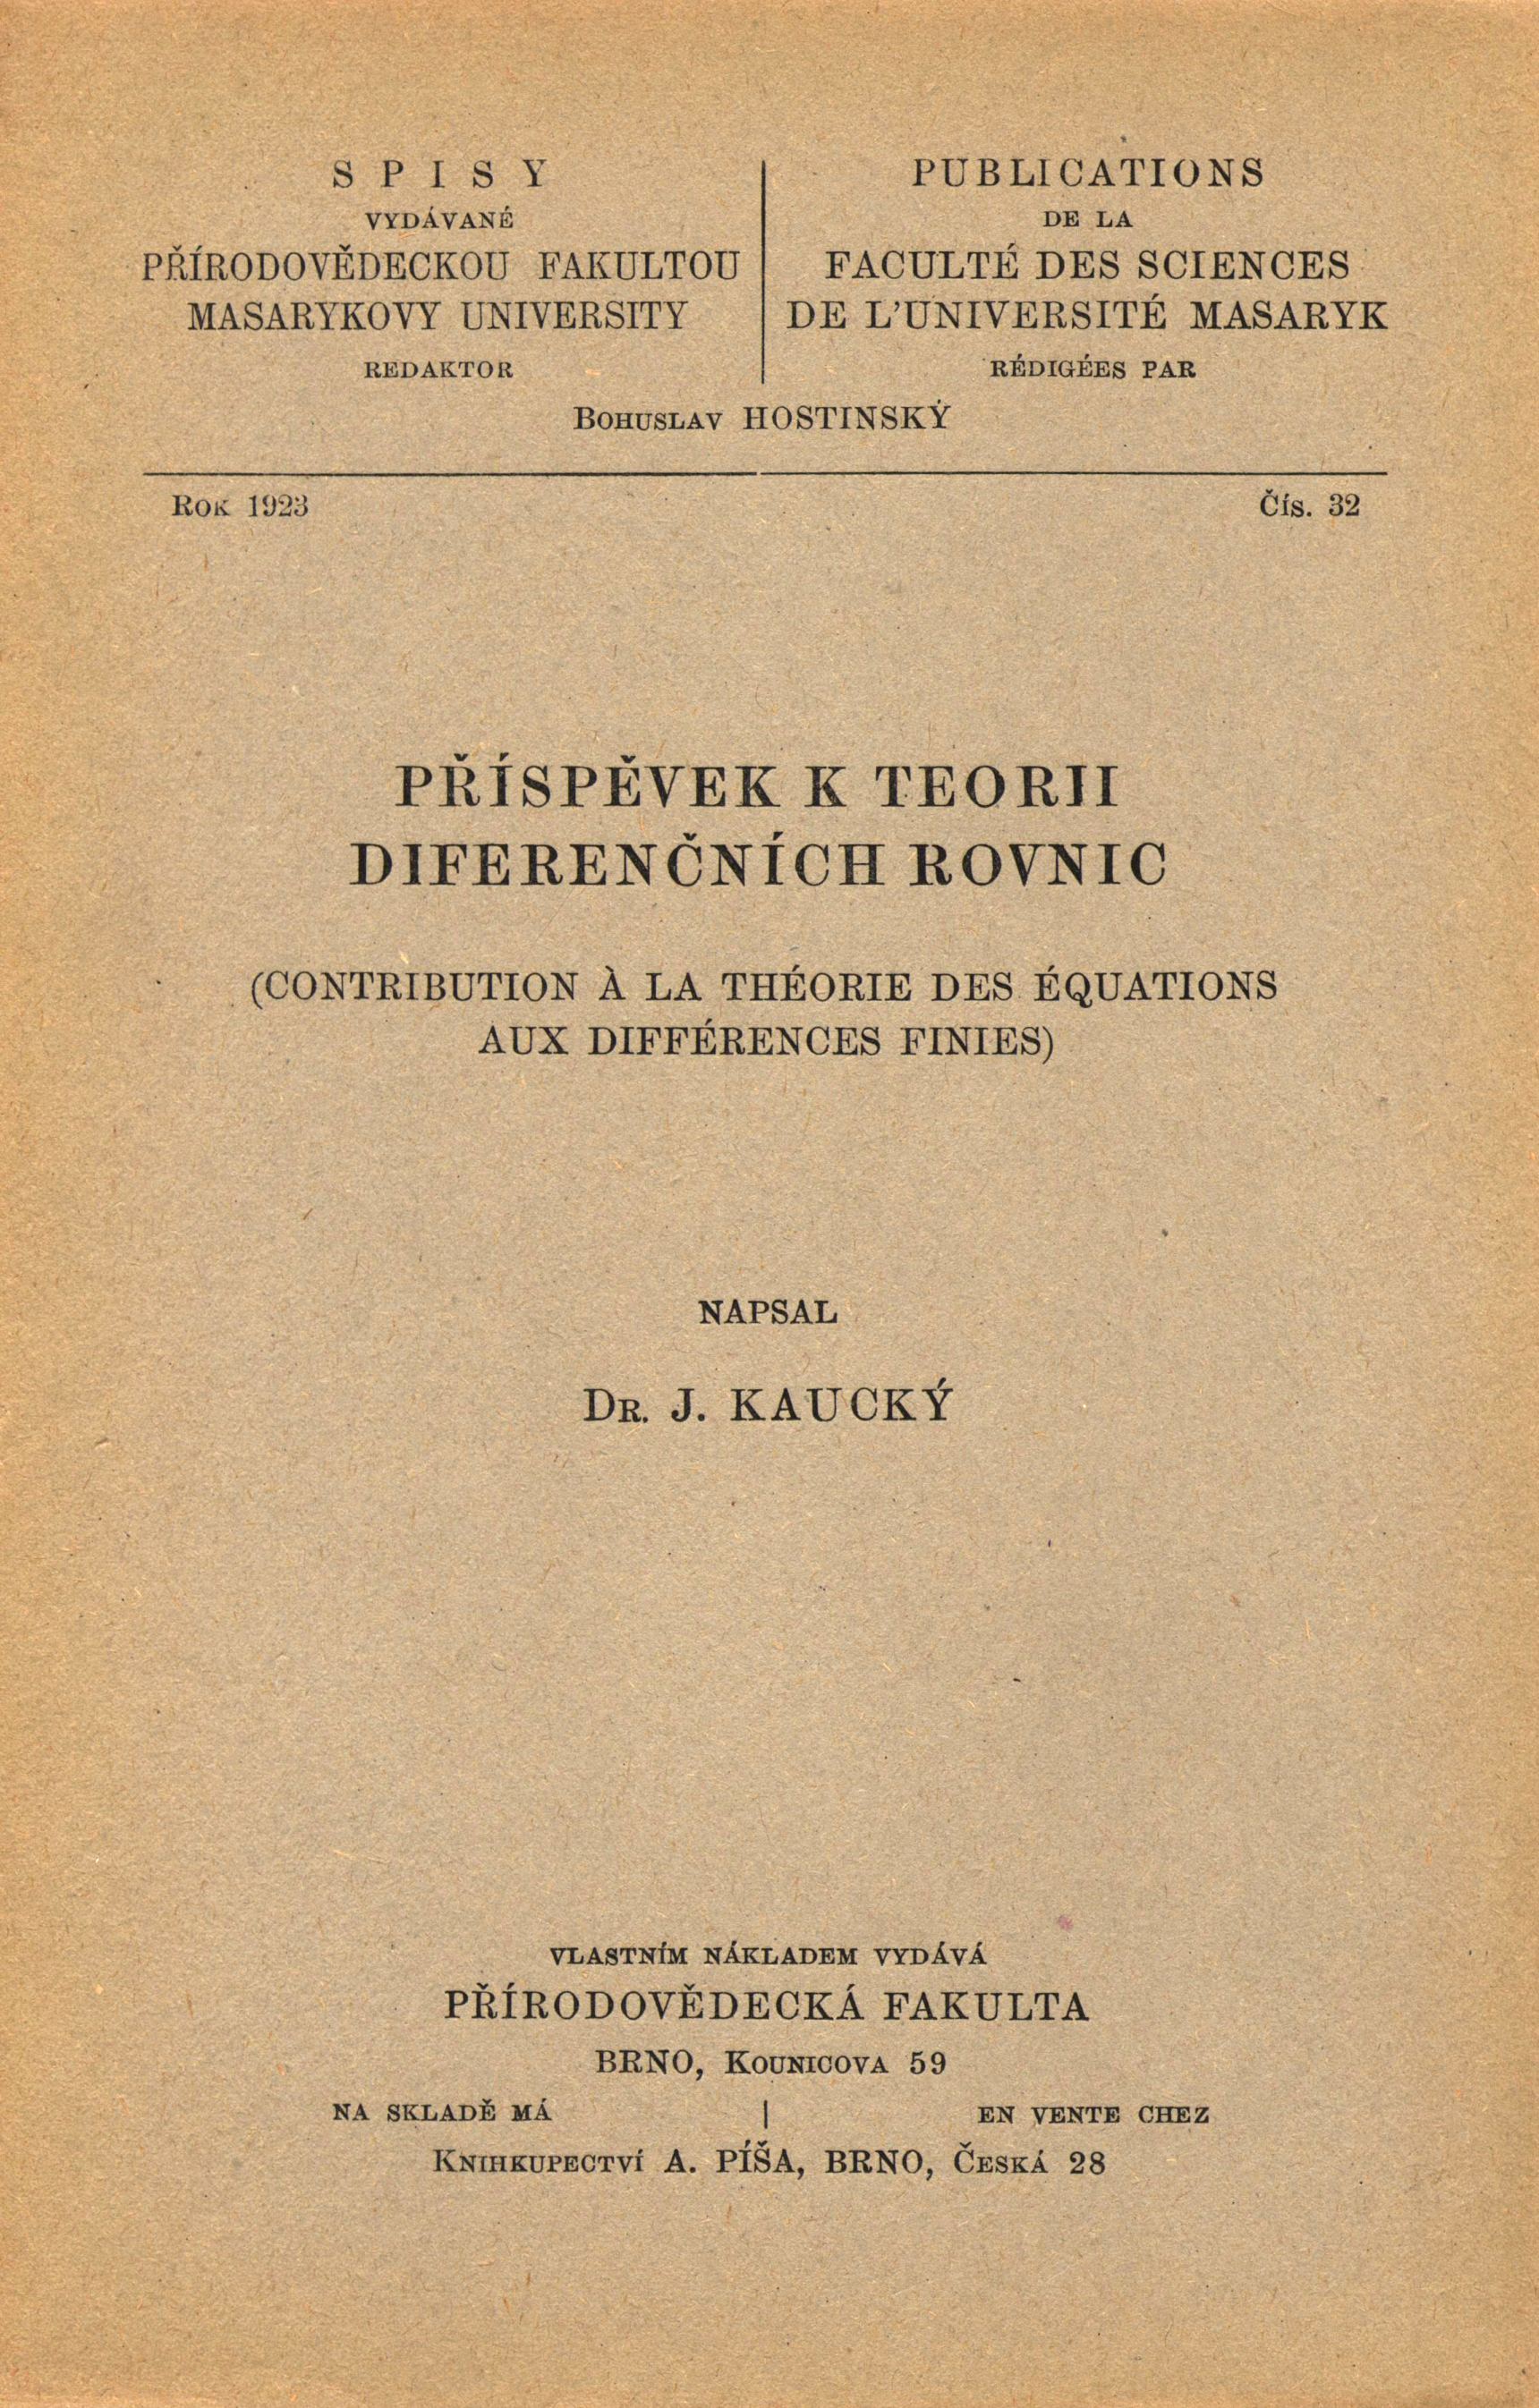 Obálka pro Příspěvek k teorii diferenčních rovnic/Contribution à la théorie des équations aux différences finies